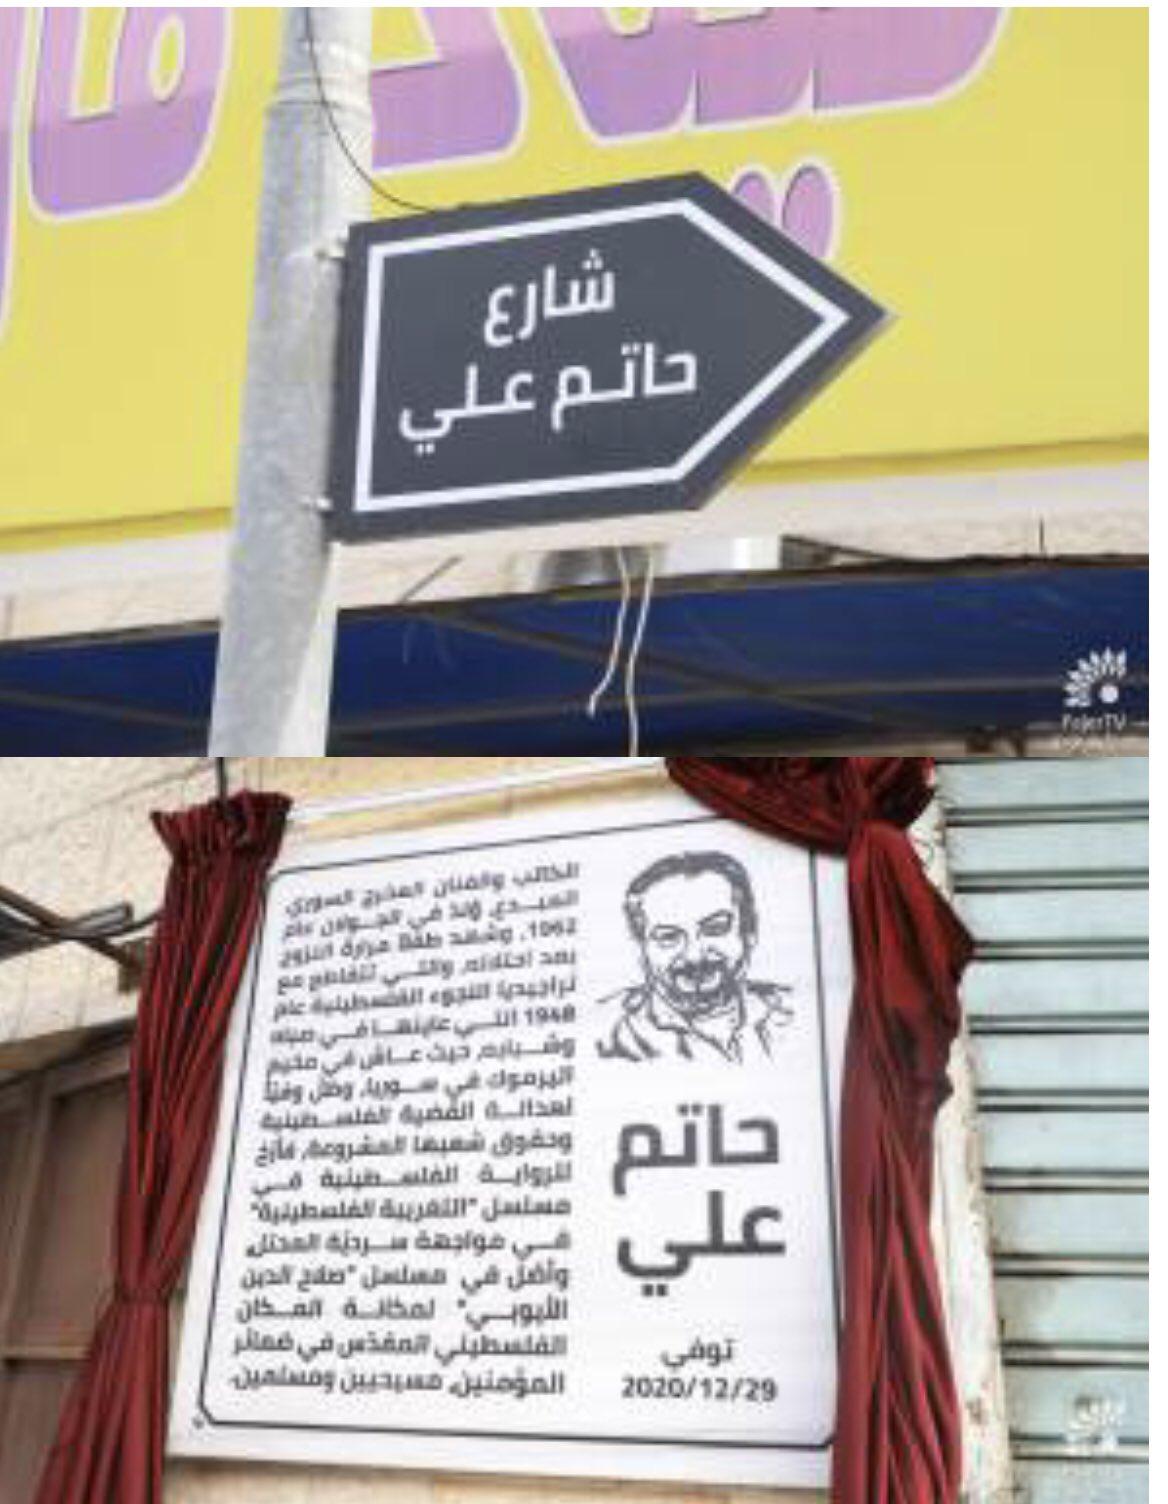 إطلاق شارع باسم المخرج الراحل حاتم علي تكريماً لذكراه.jfif